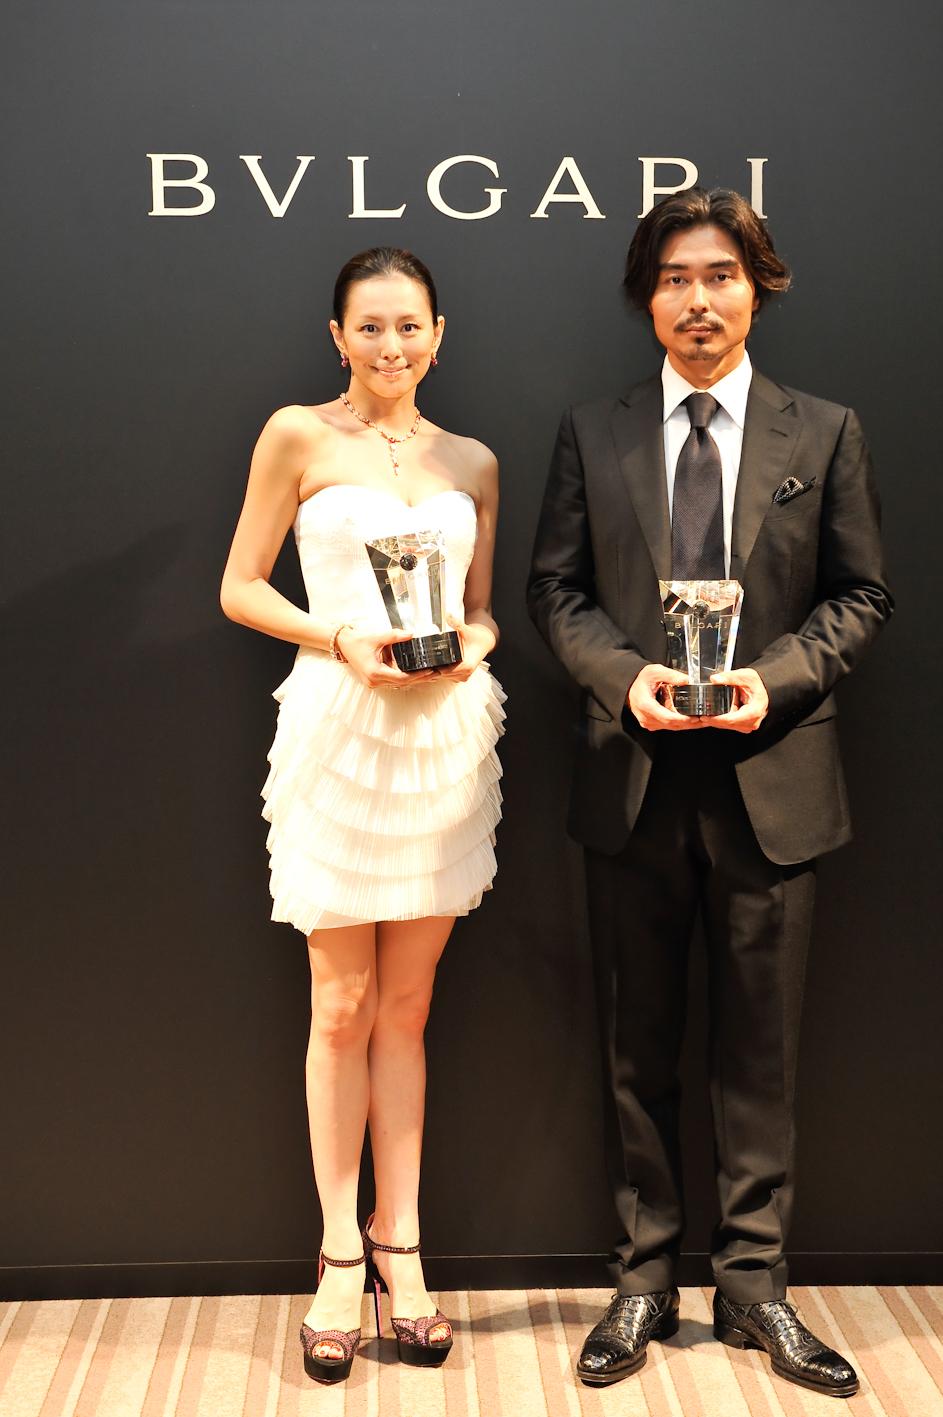 小澤征悦さんと白ミニ丈ドレスの米倉涼子